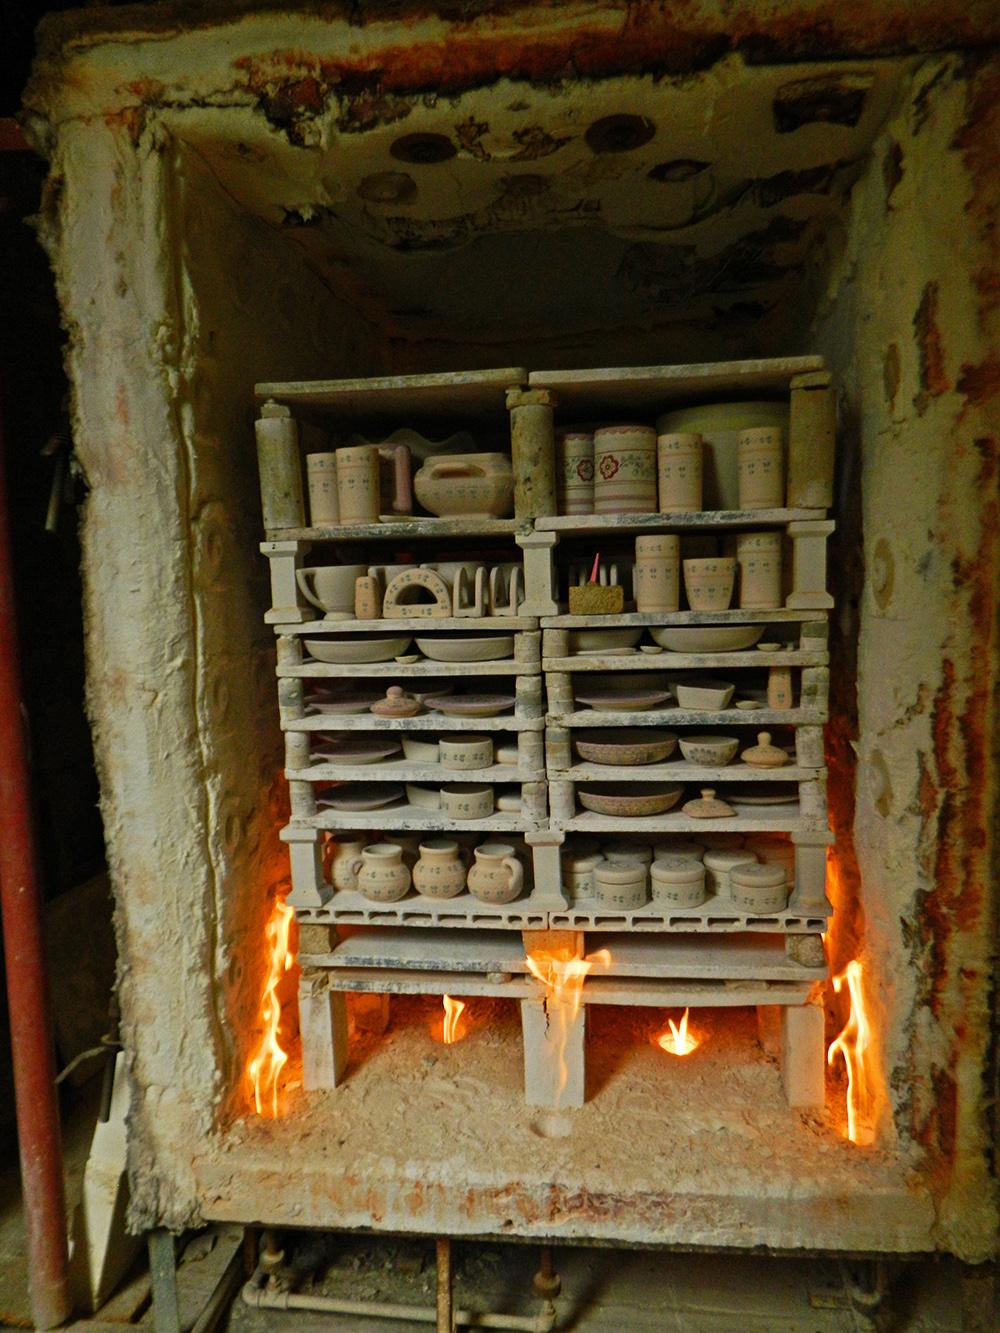 Cer mica de alta temperatura vicente zaldivar - Cocinar en sartenes de ceramica ...